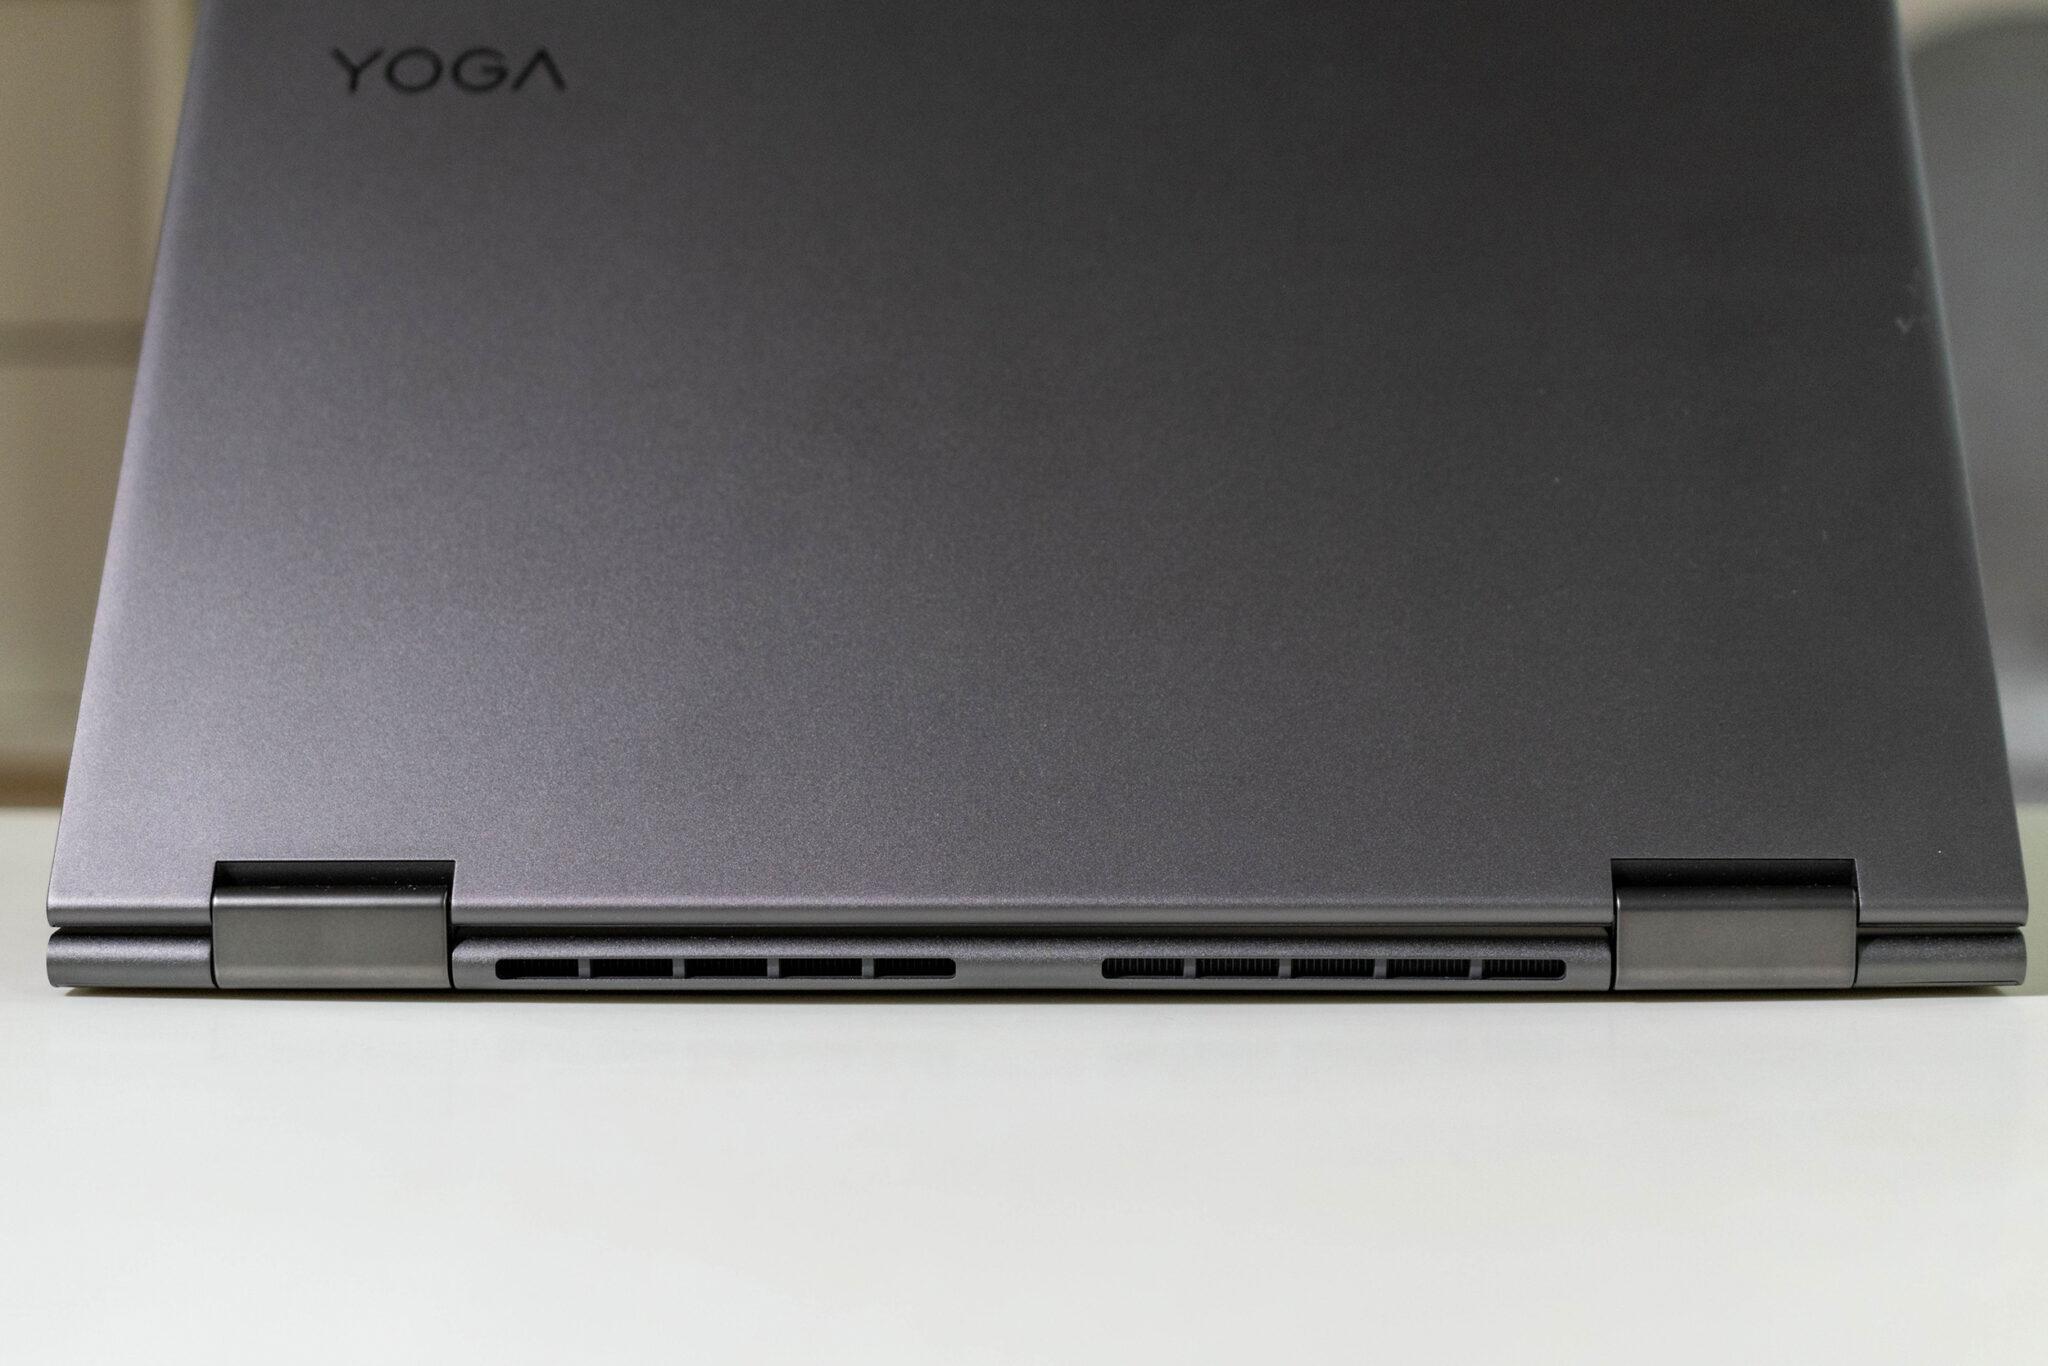 lenovo yoga c740 convertible für office und multimedia im test